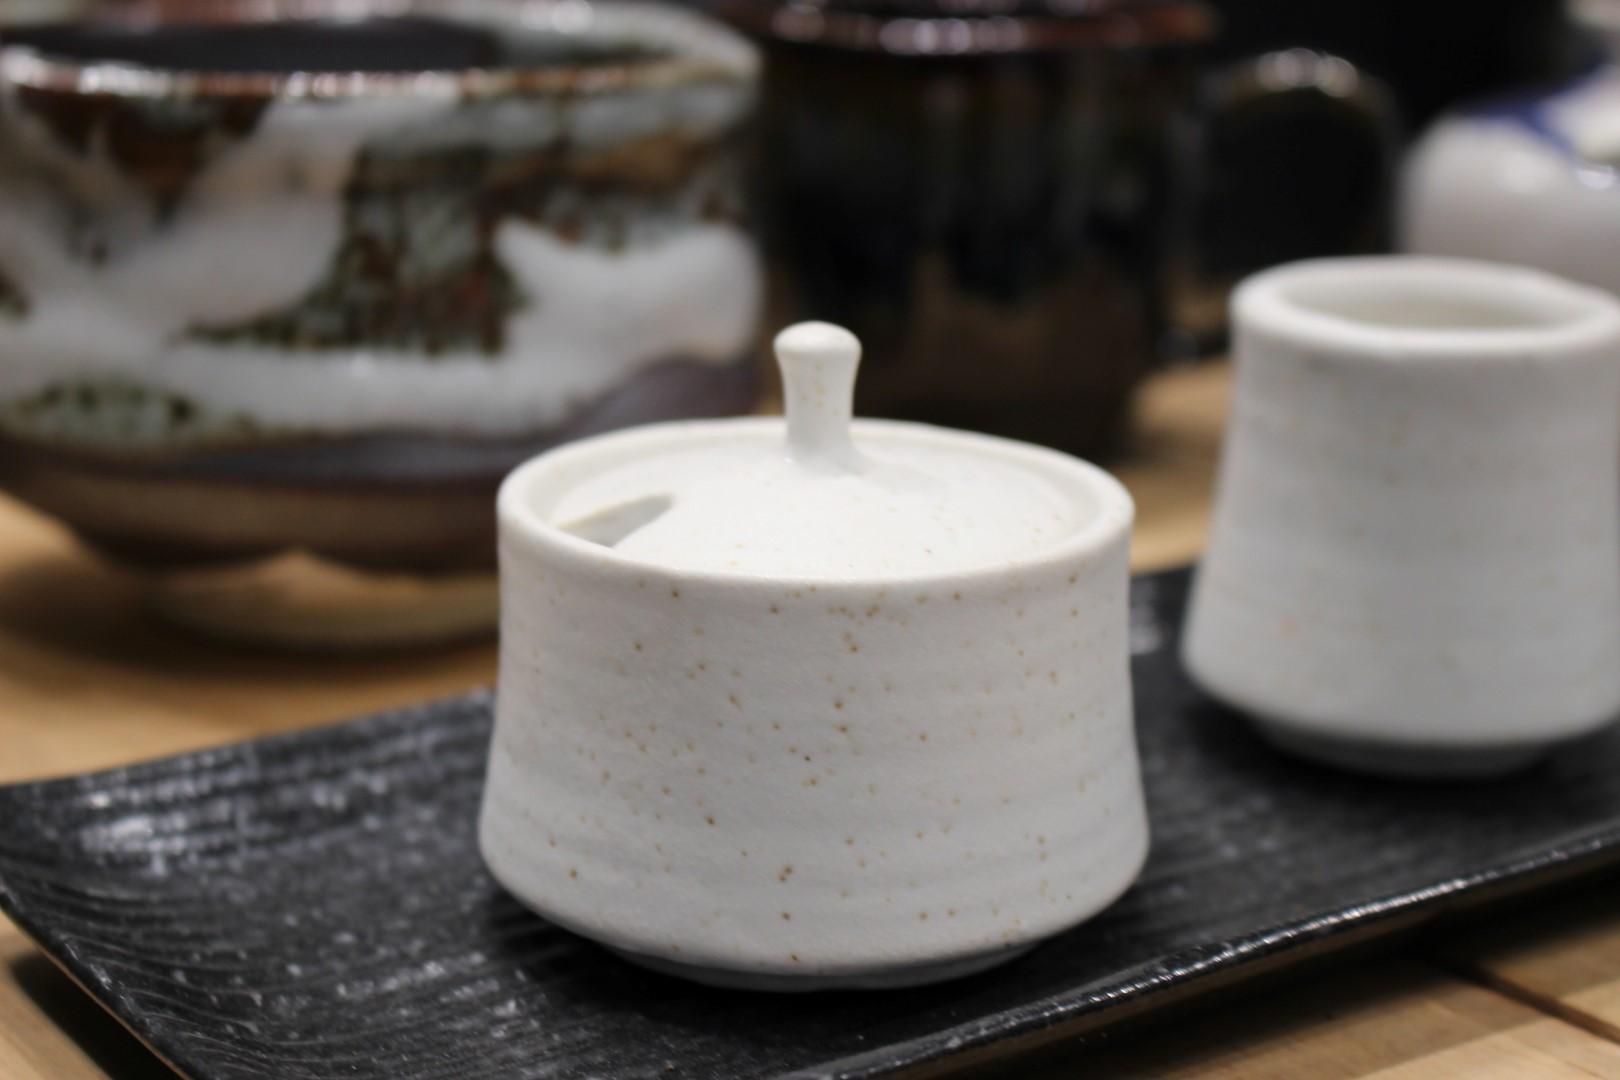 Japanisches Porzellan Und Keramik Tradition Trifft Moderne